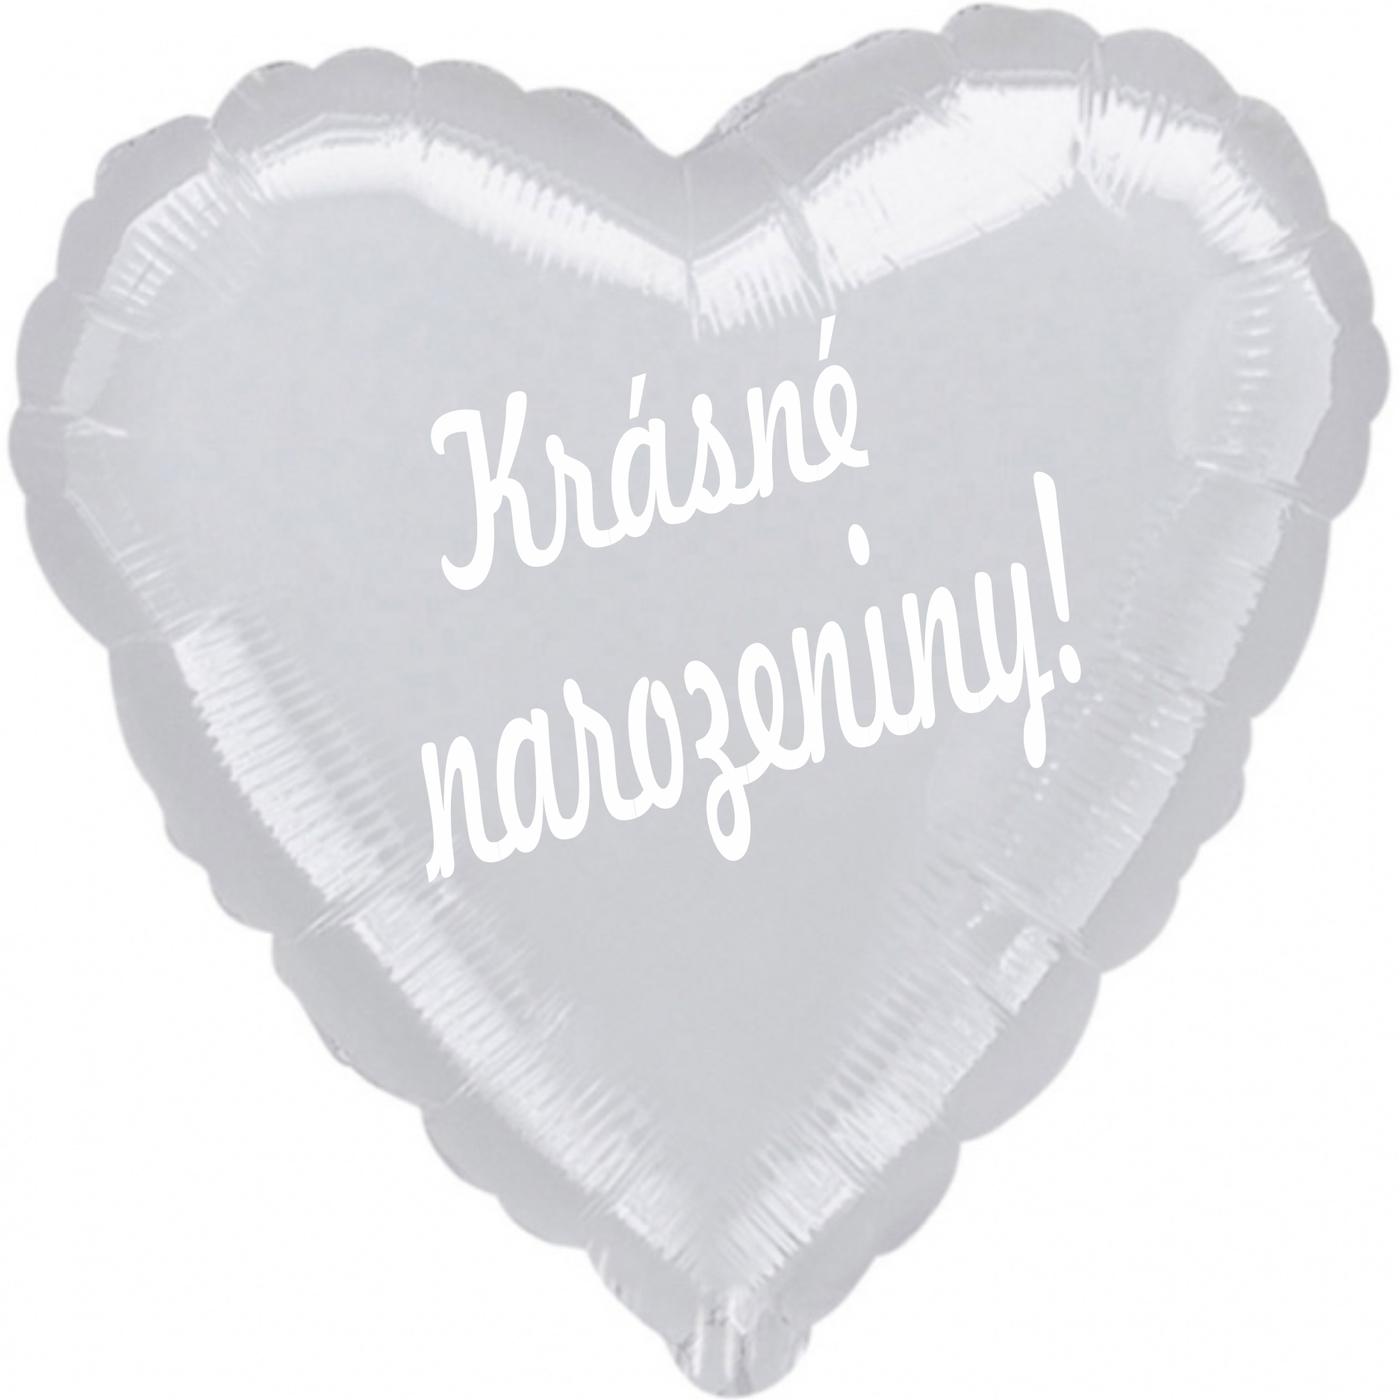 Stříbrný balónek krásnénarozeniny